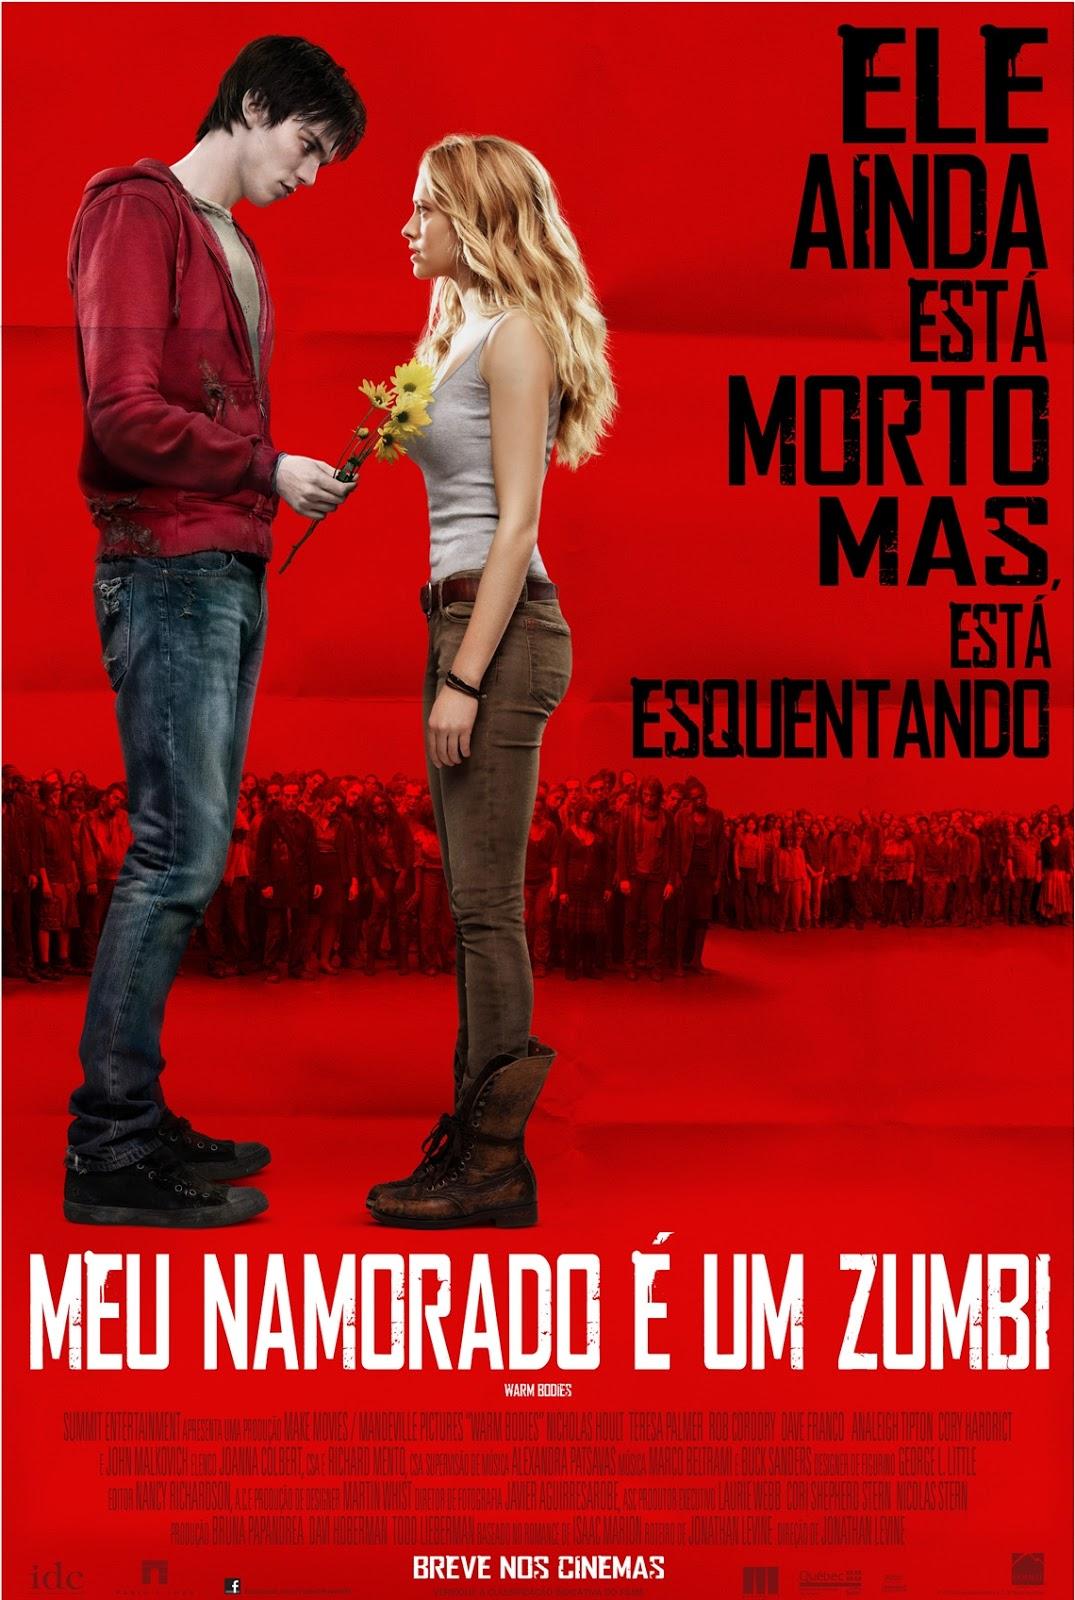 Imagens Meu Namorado É Um Zumbi Torrent Dublado 1080p 720p BluRay Download